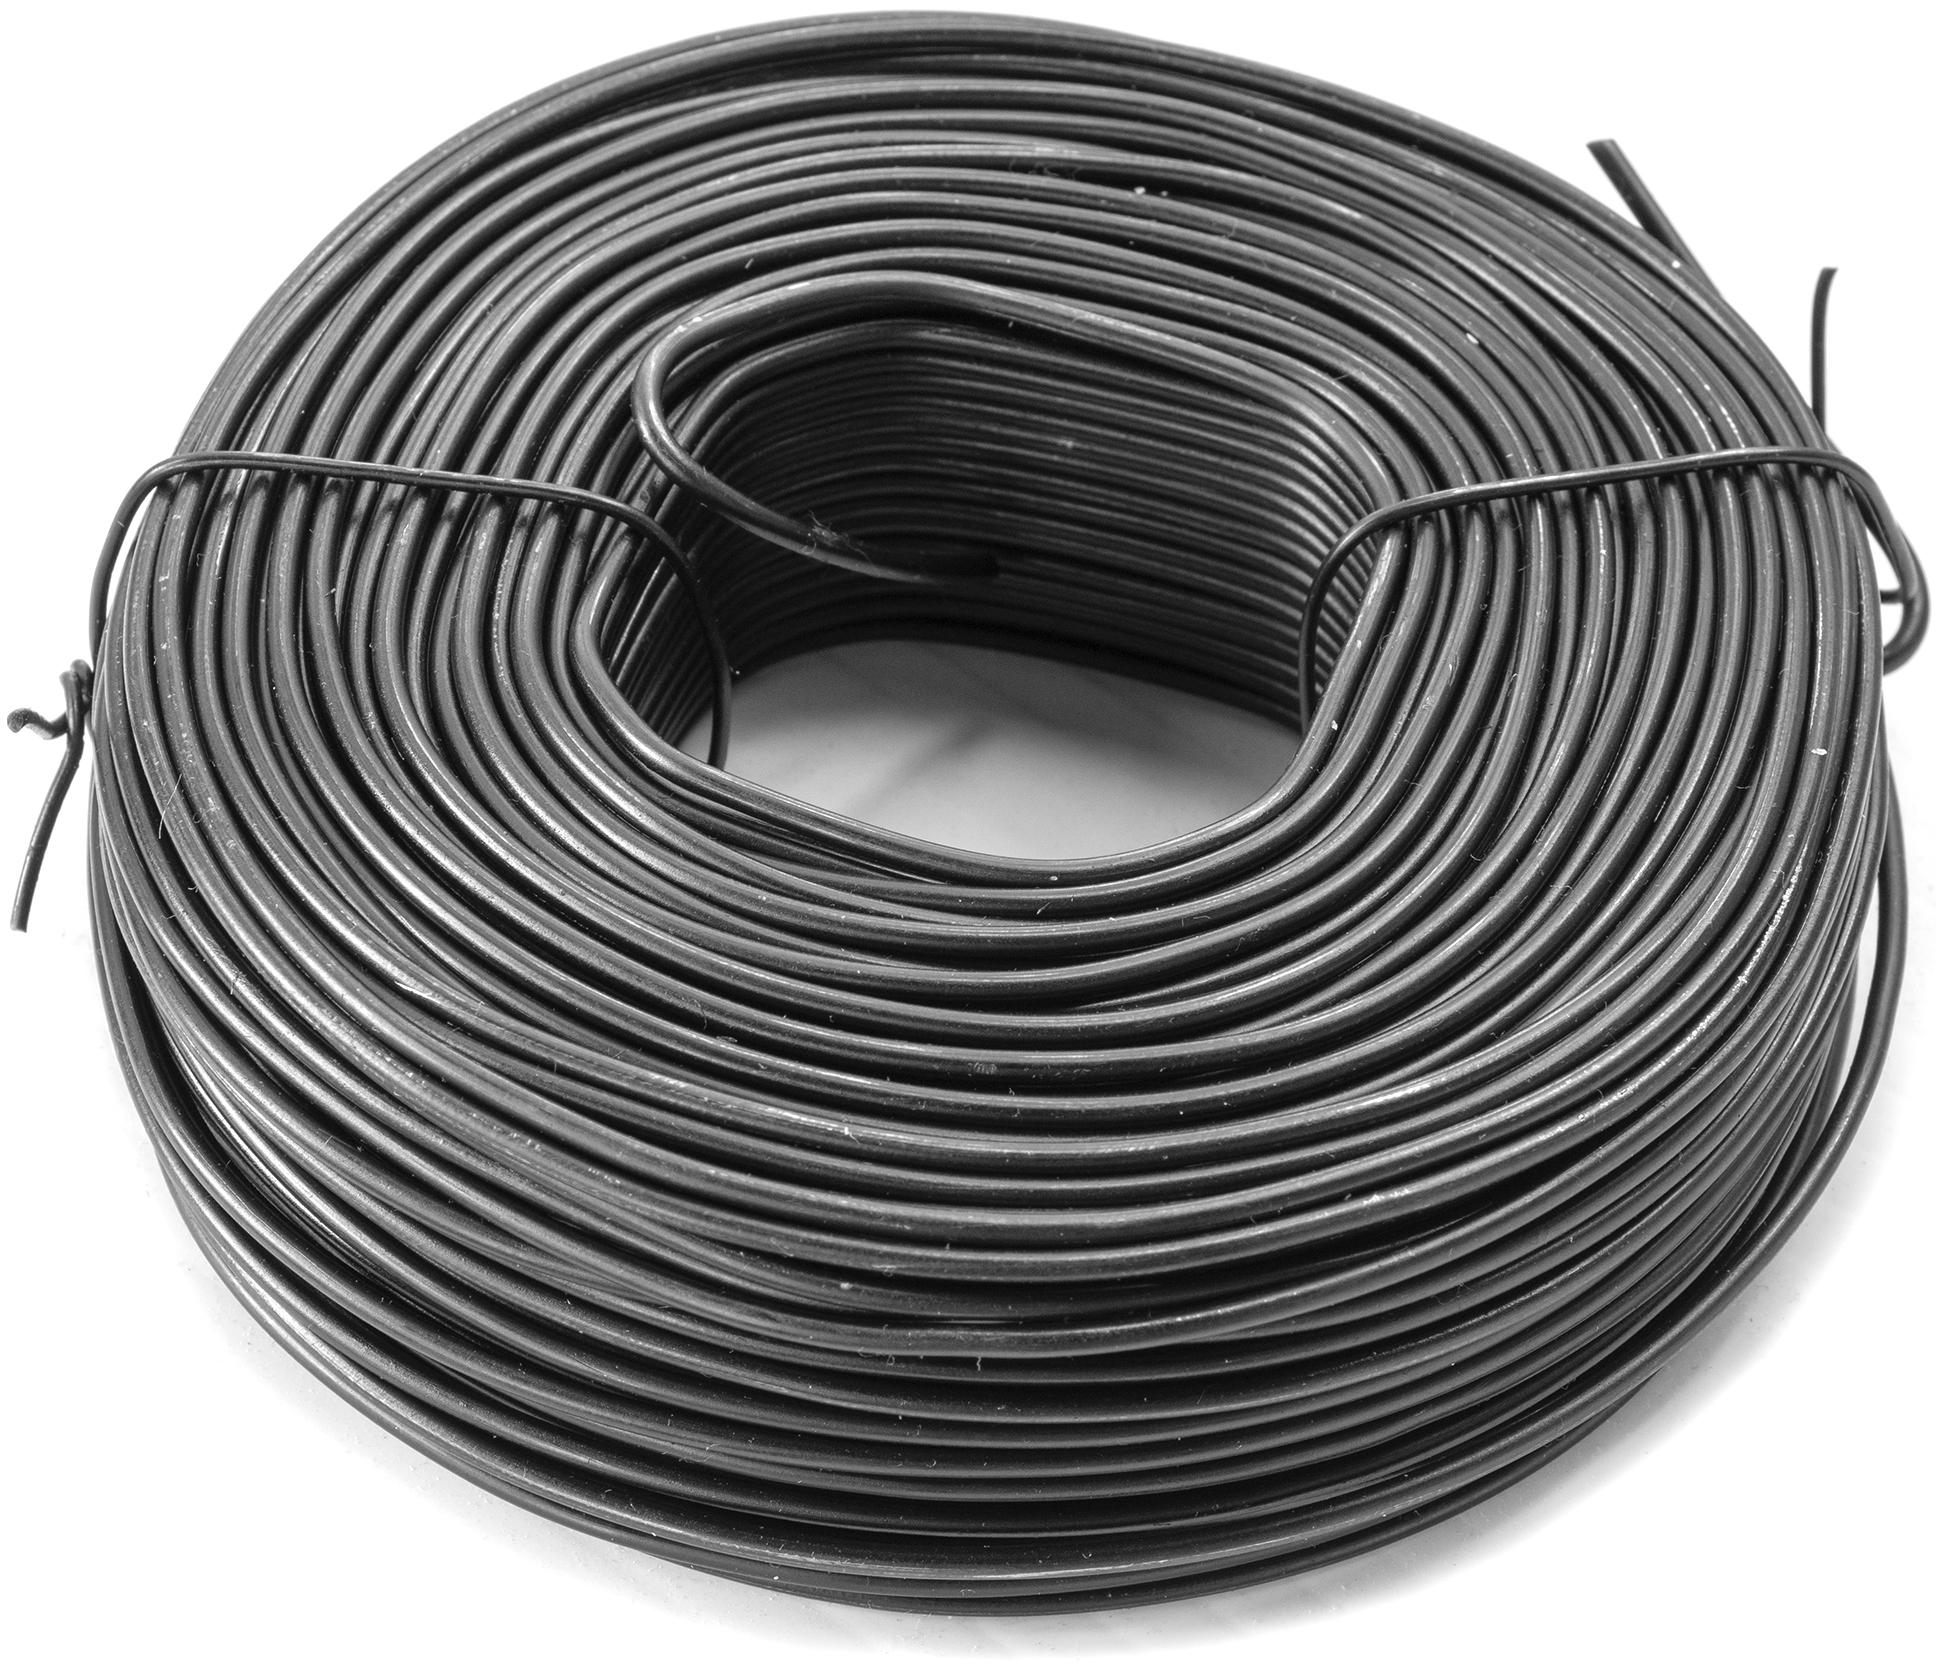 Tie Wire rh.jpg